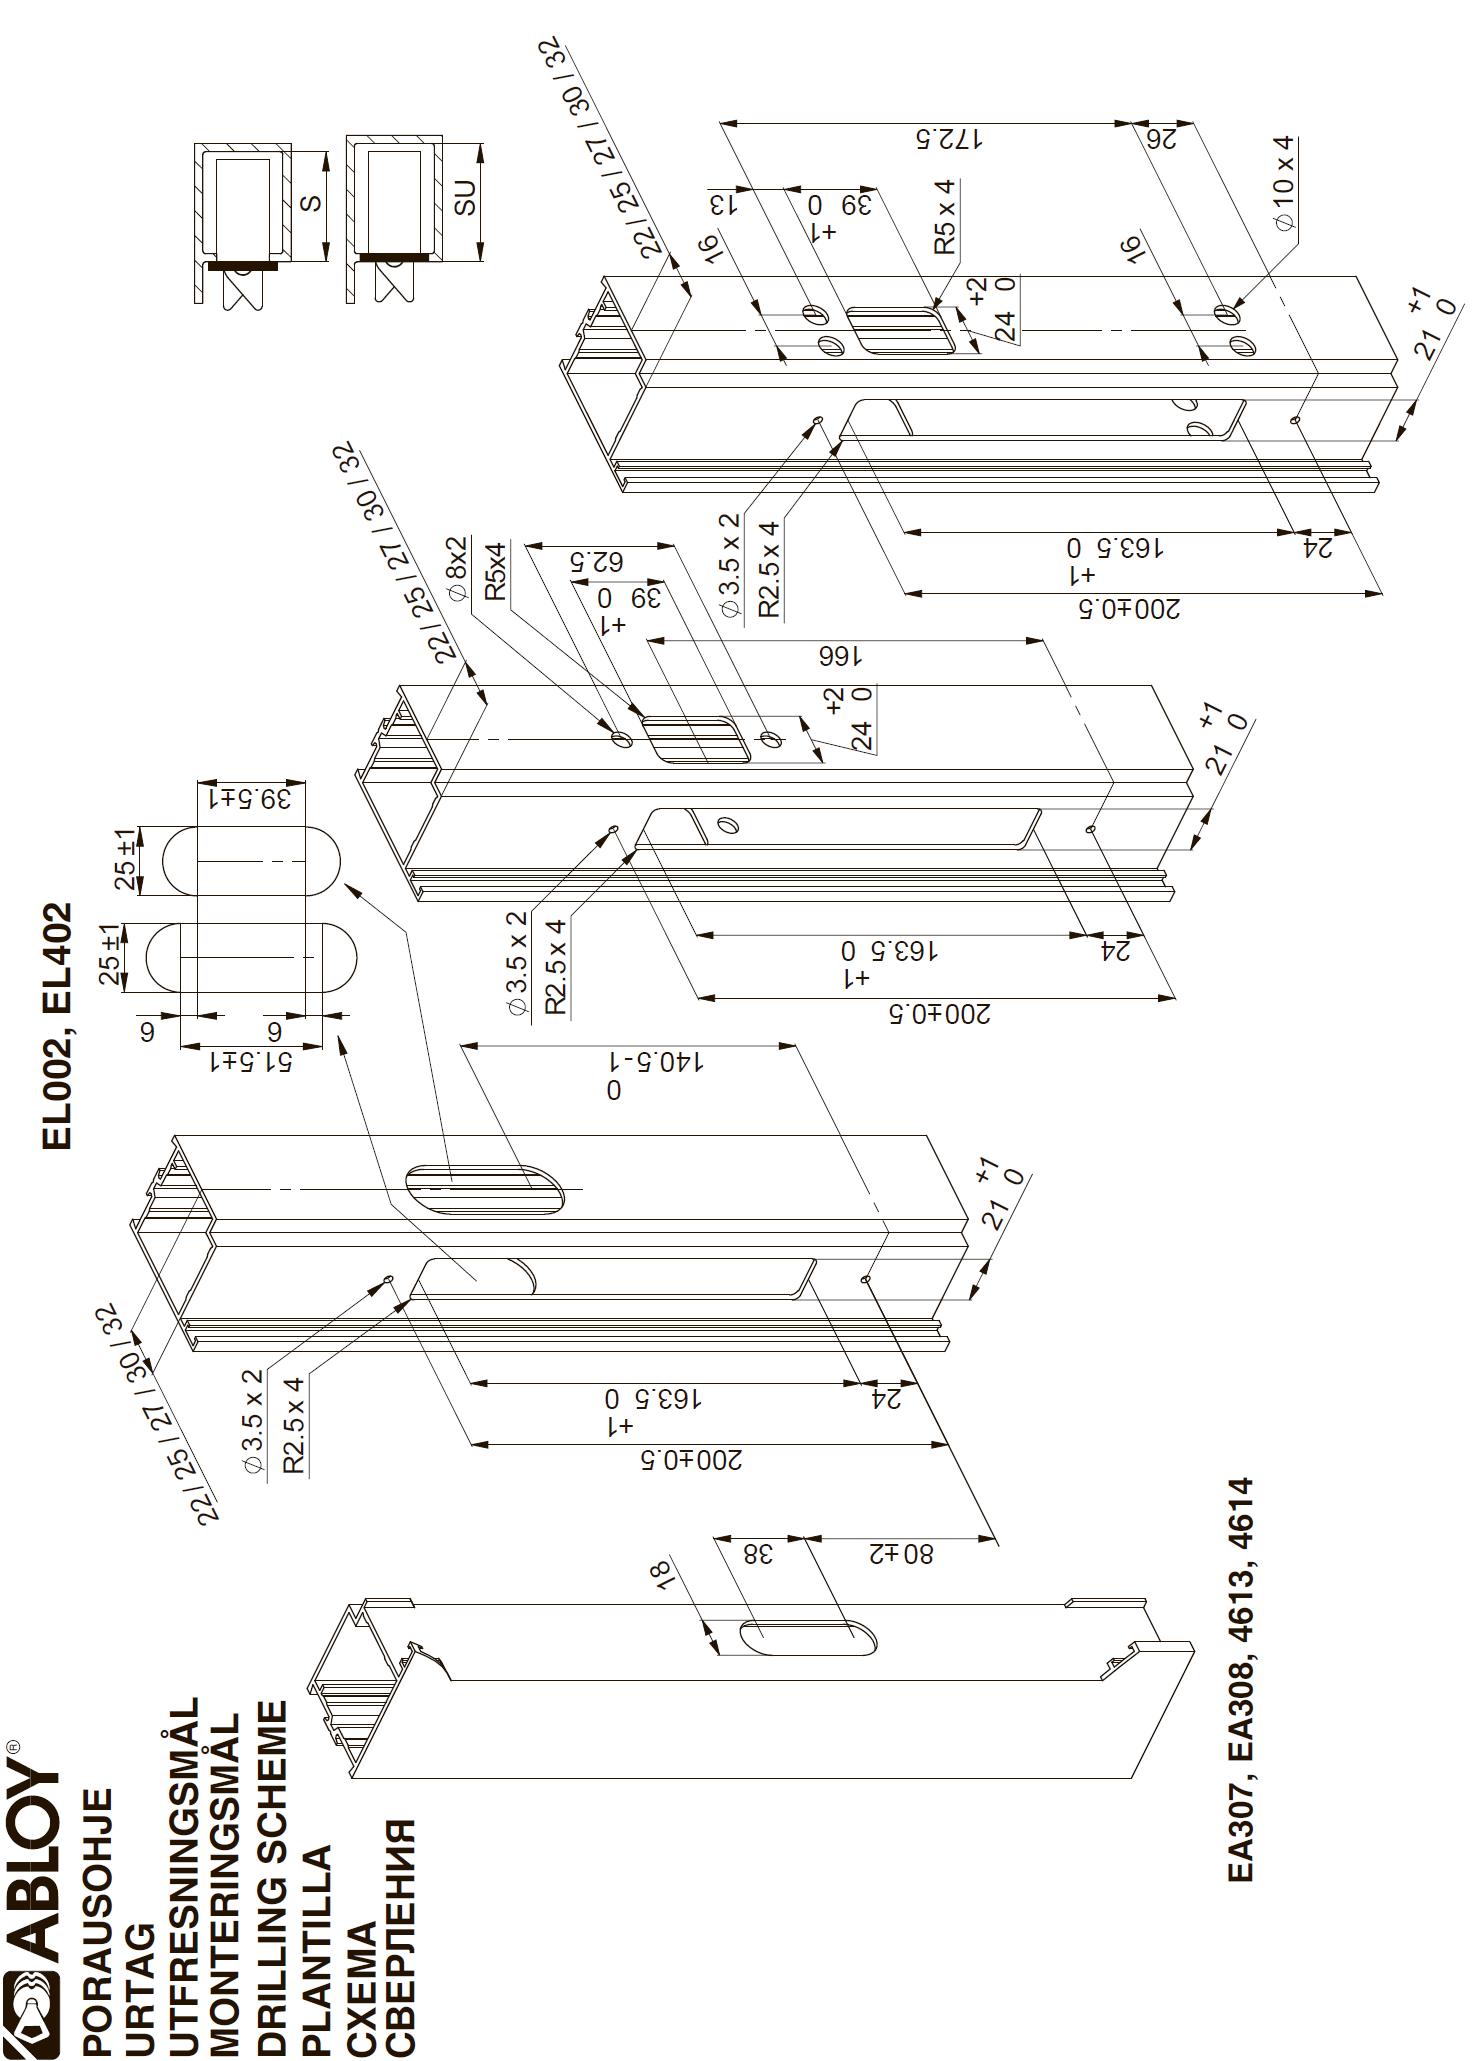 схема расключения замков abloy с контроллером